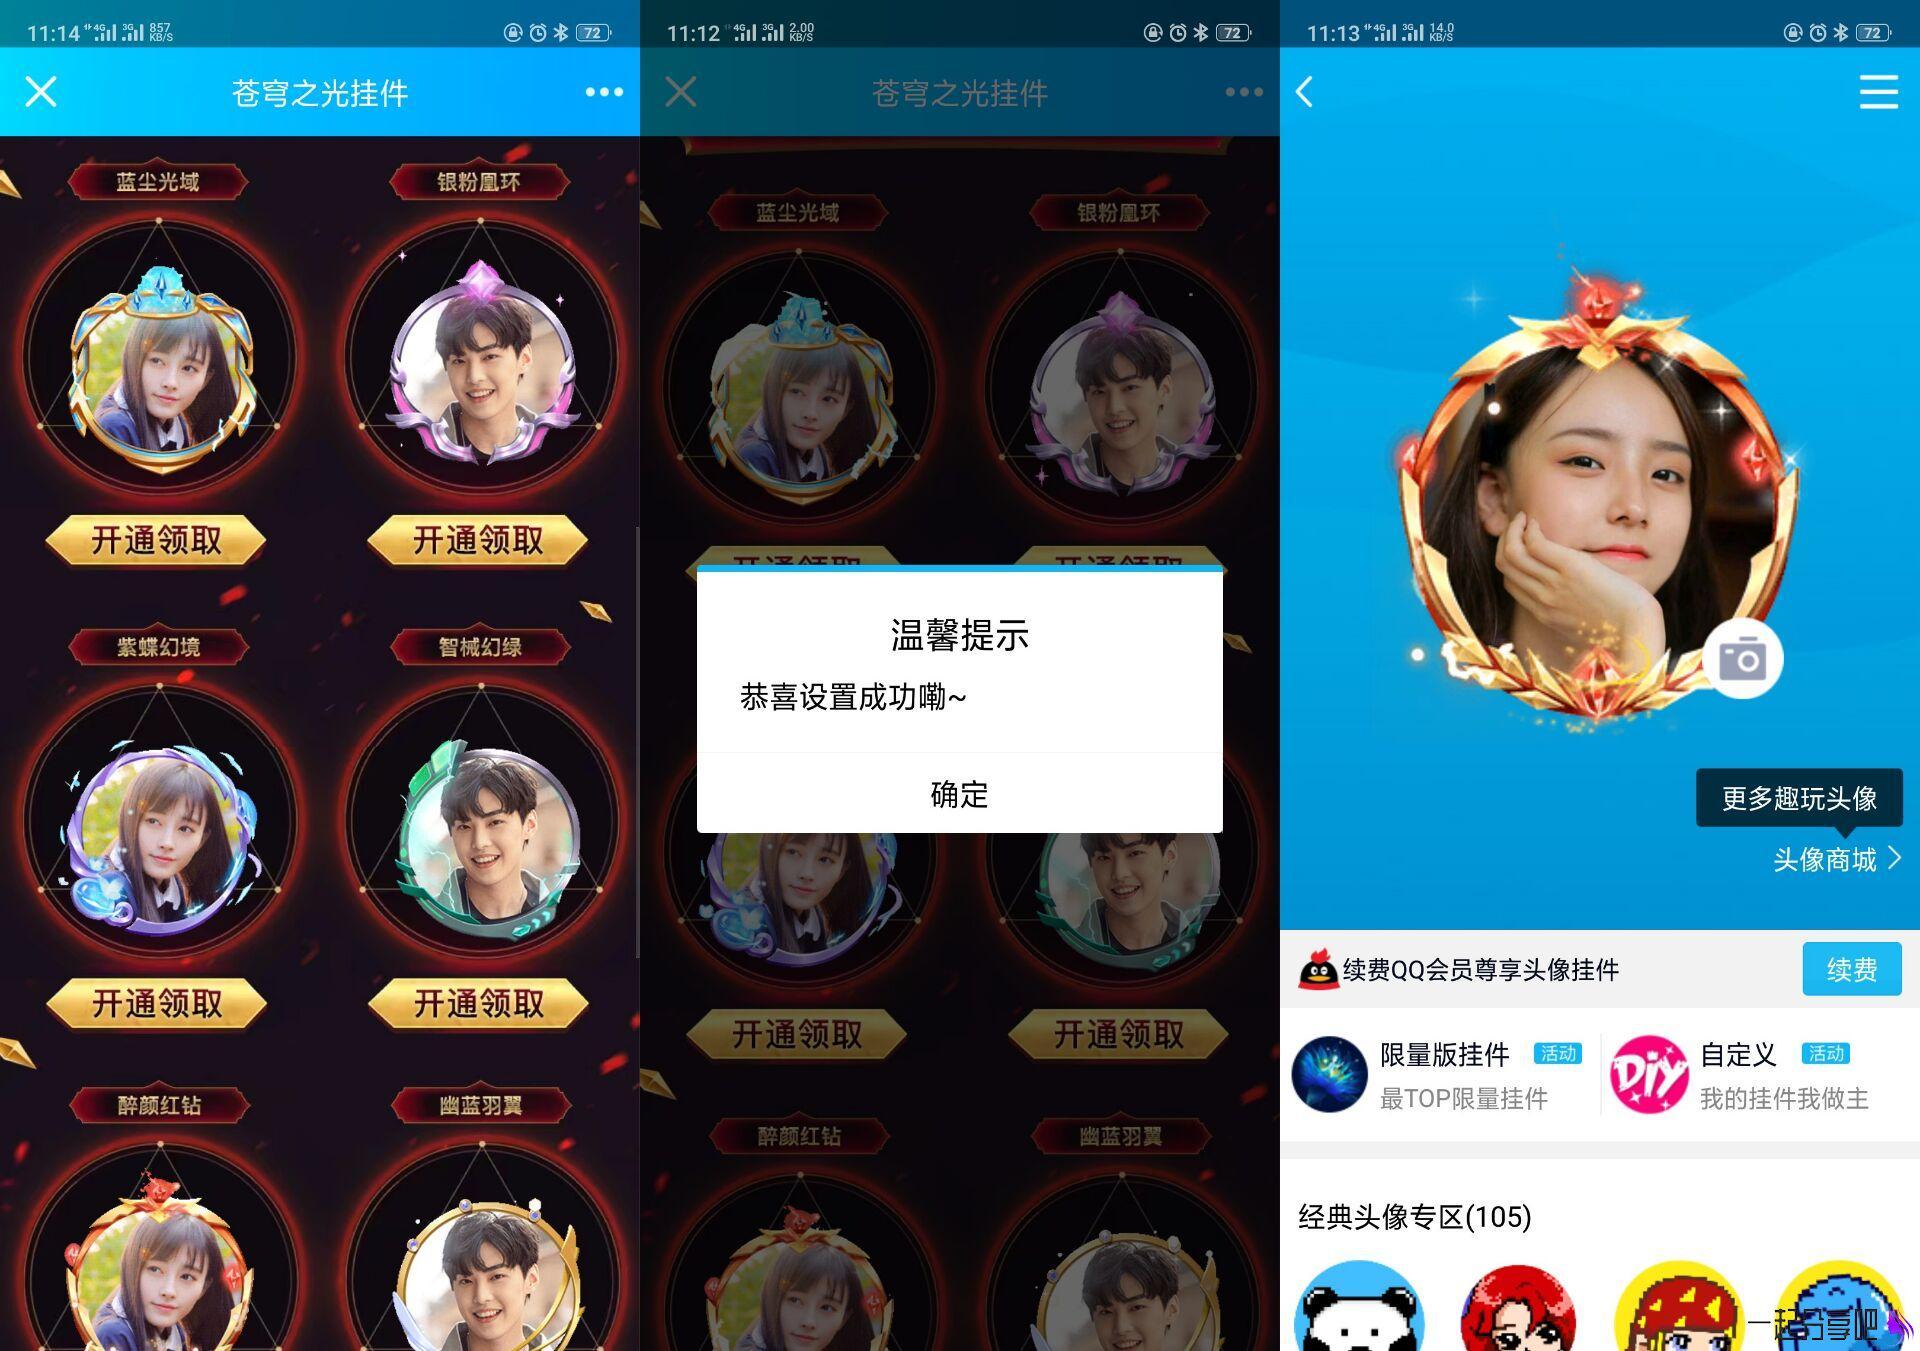 腾讯QQ最新BUG免费设置付费装扮 第1张